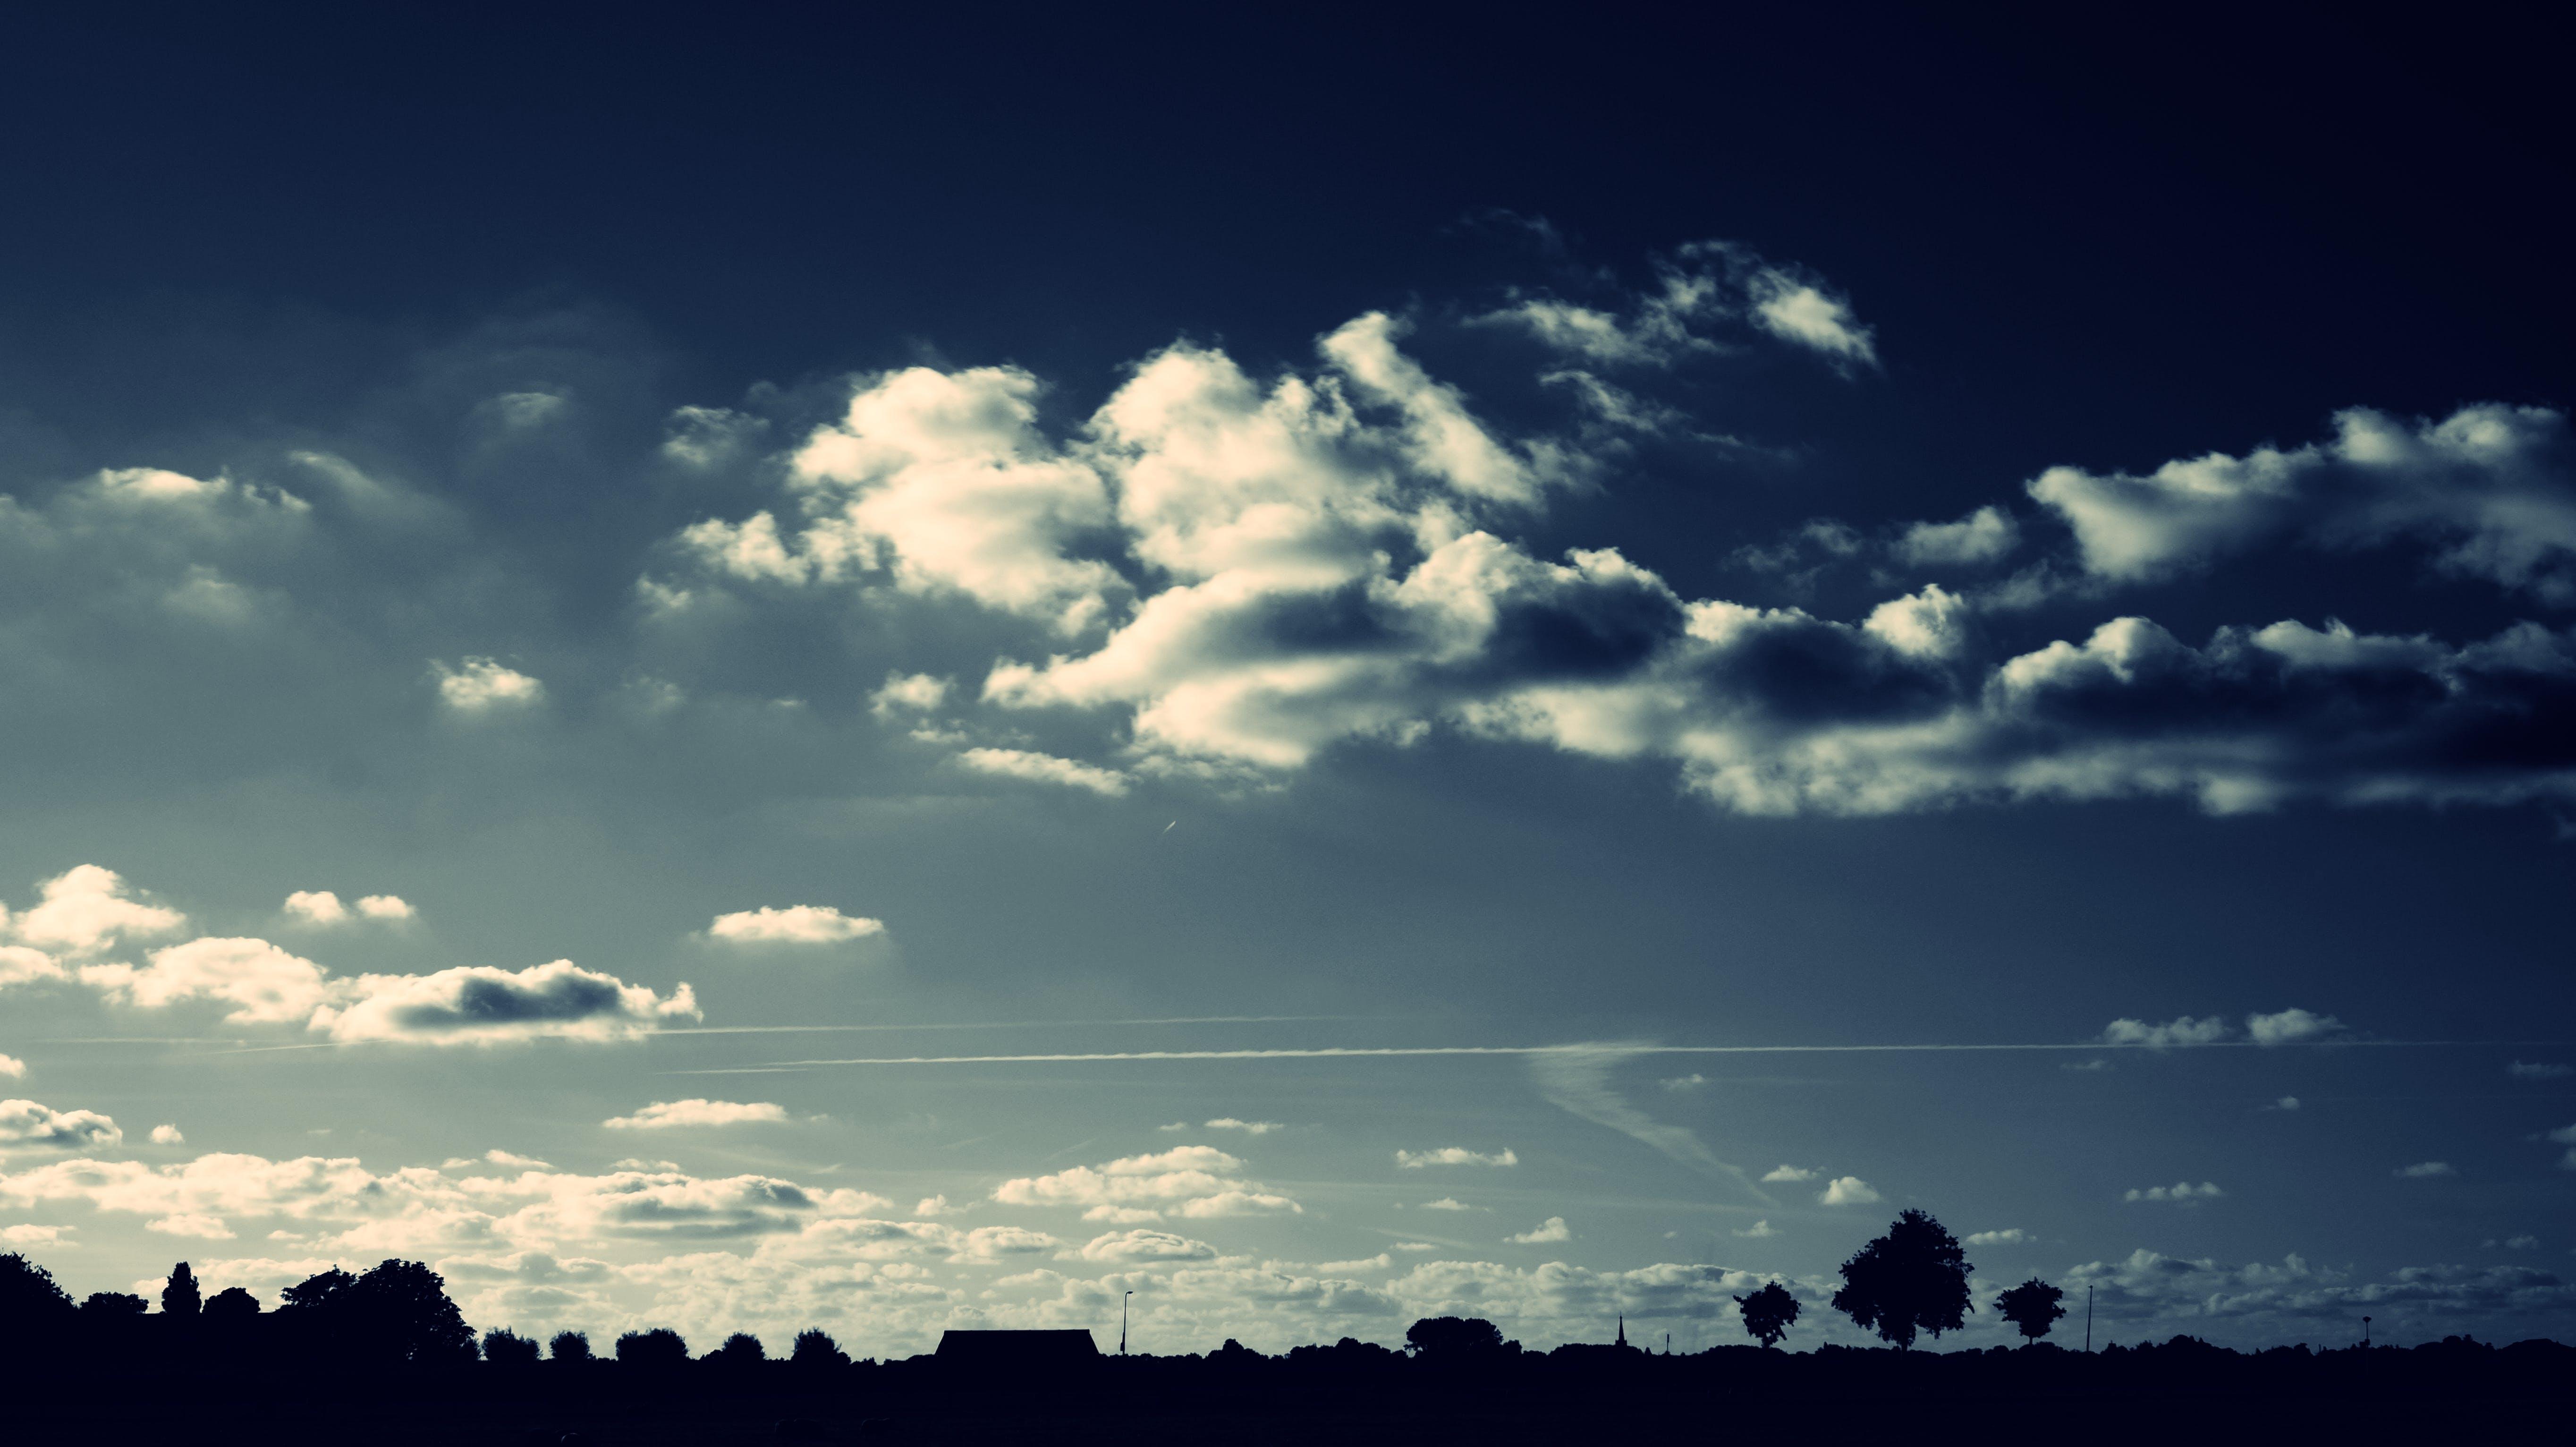 多雲的, 天性, 天氣晴朗, 天空 的 免費圖庫相片